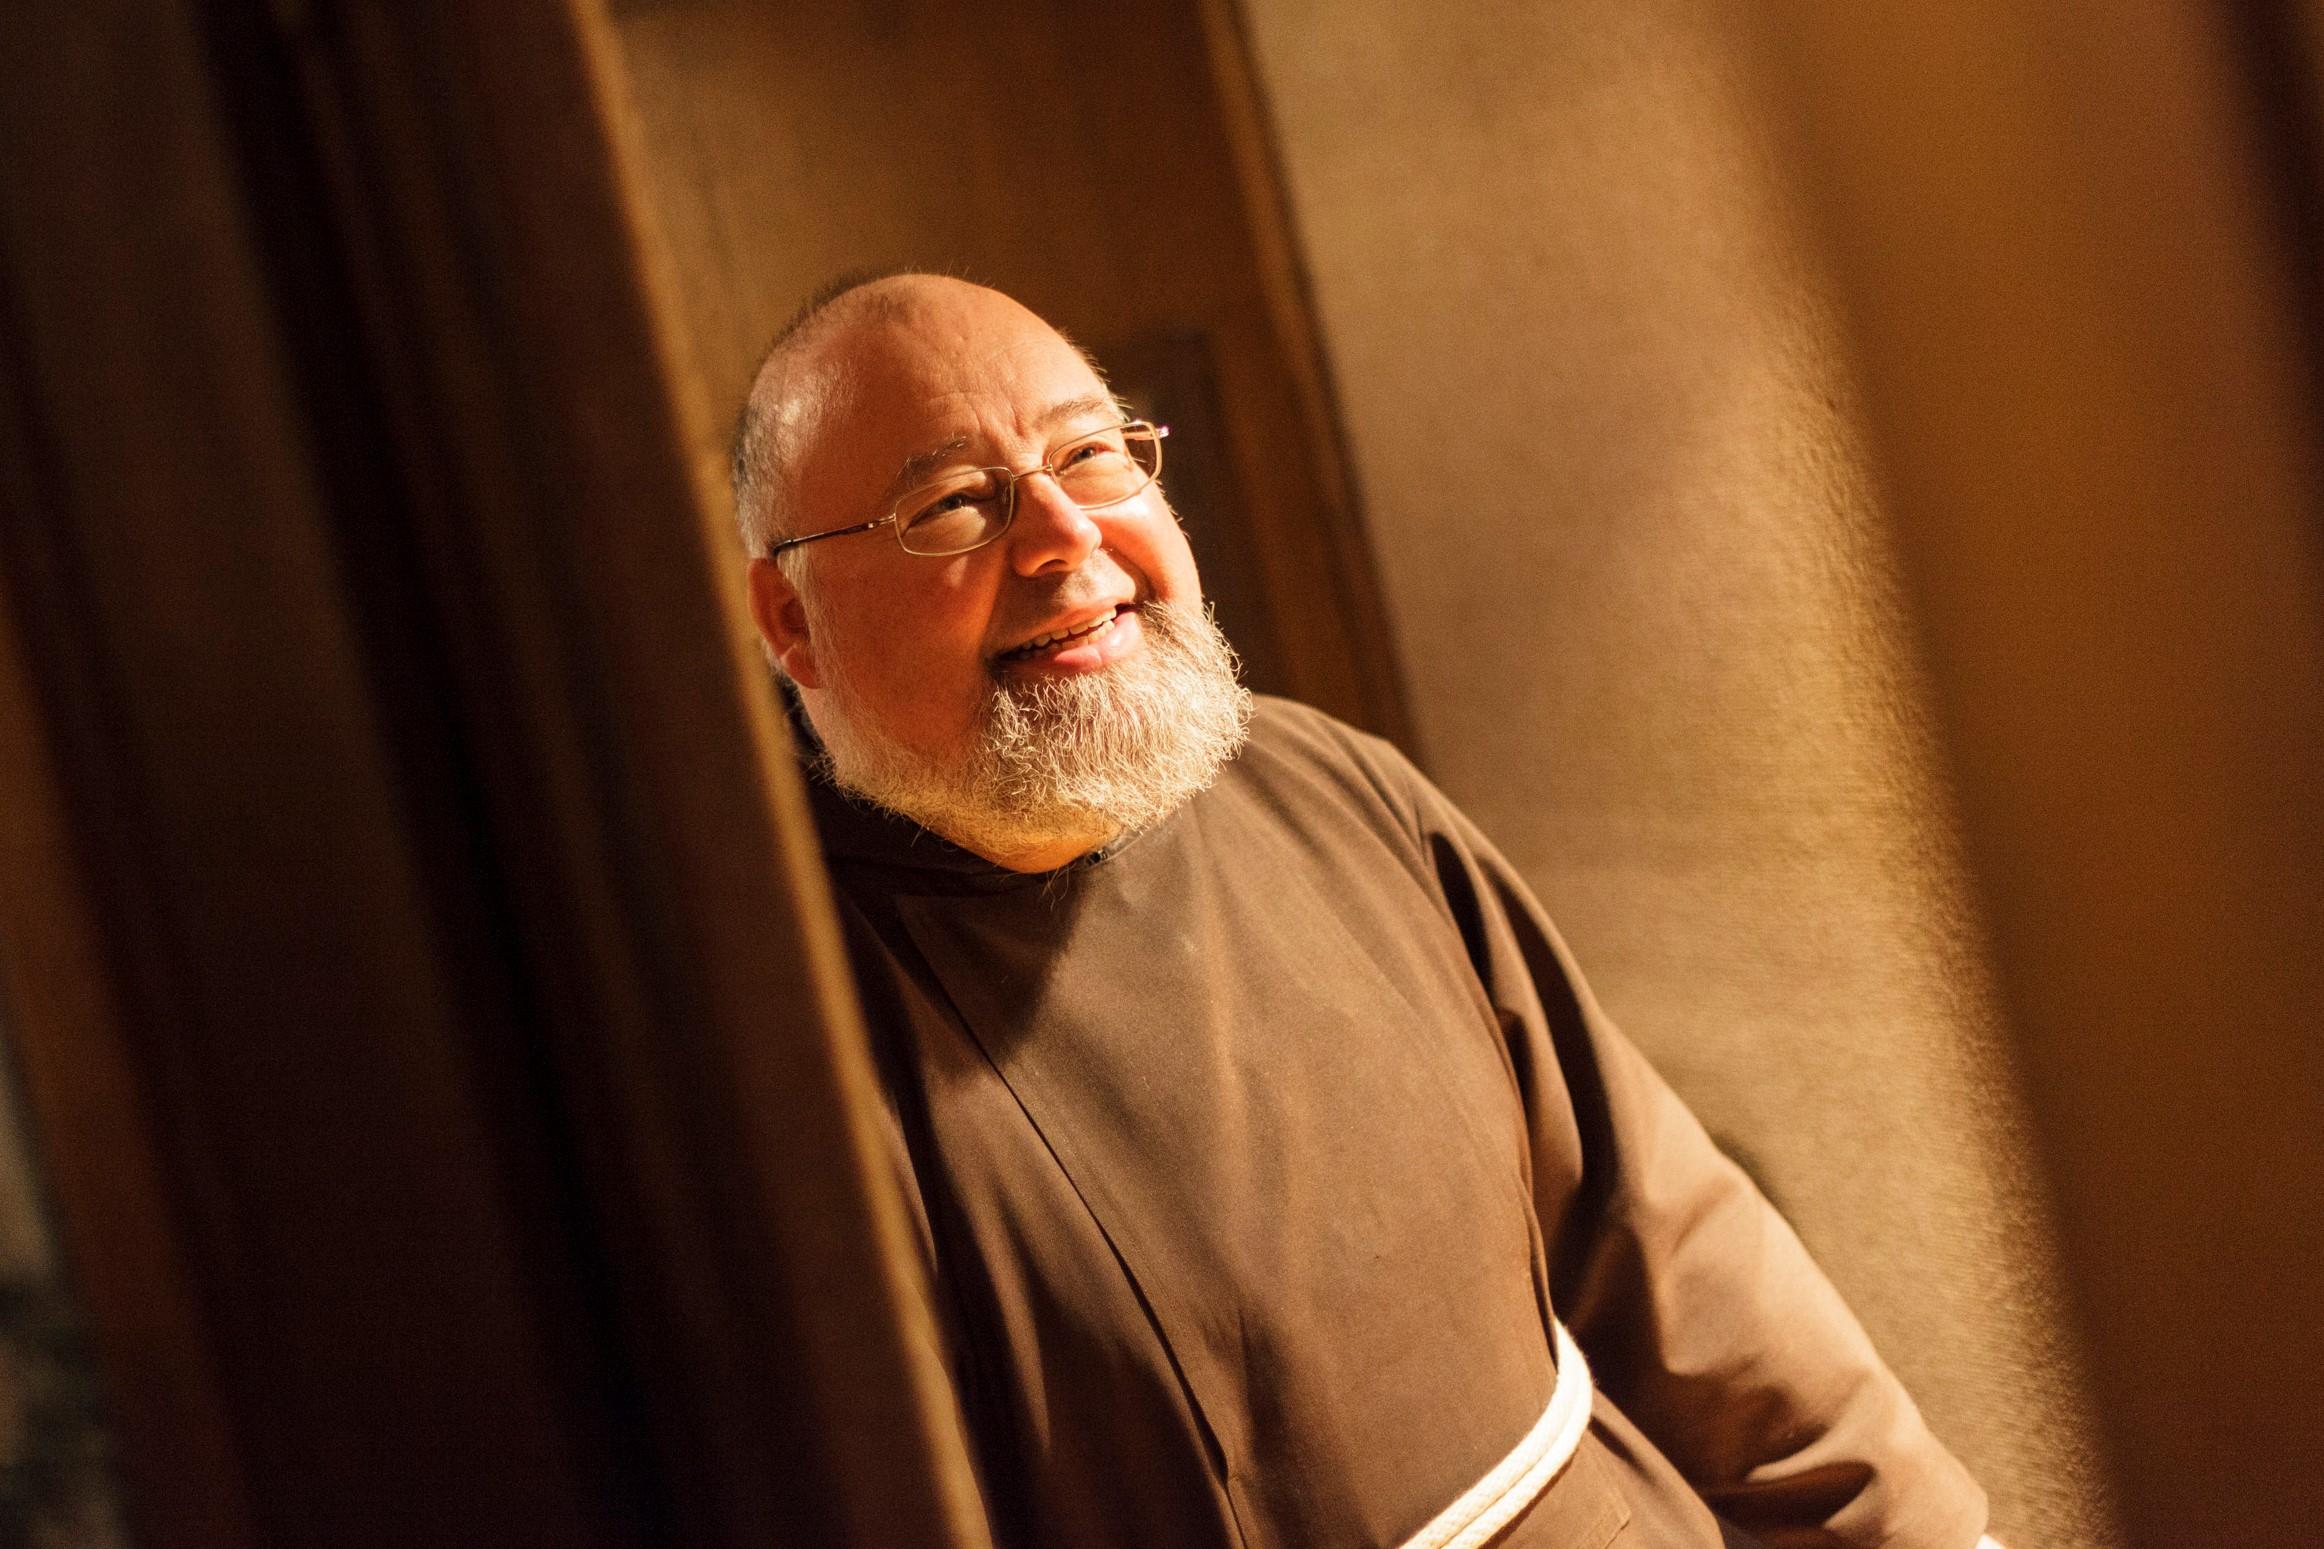 Norbert Schlenker